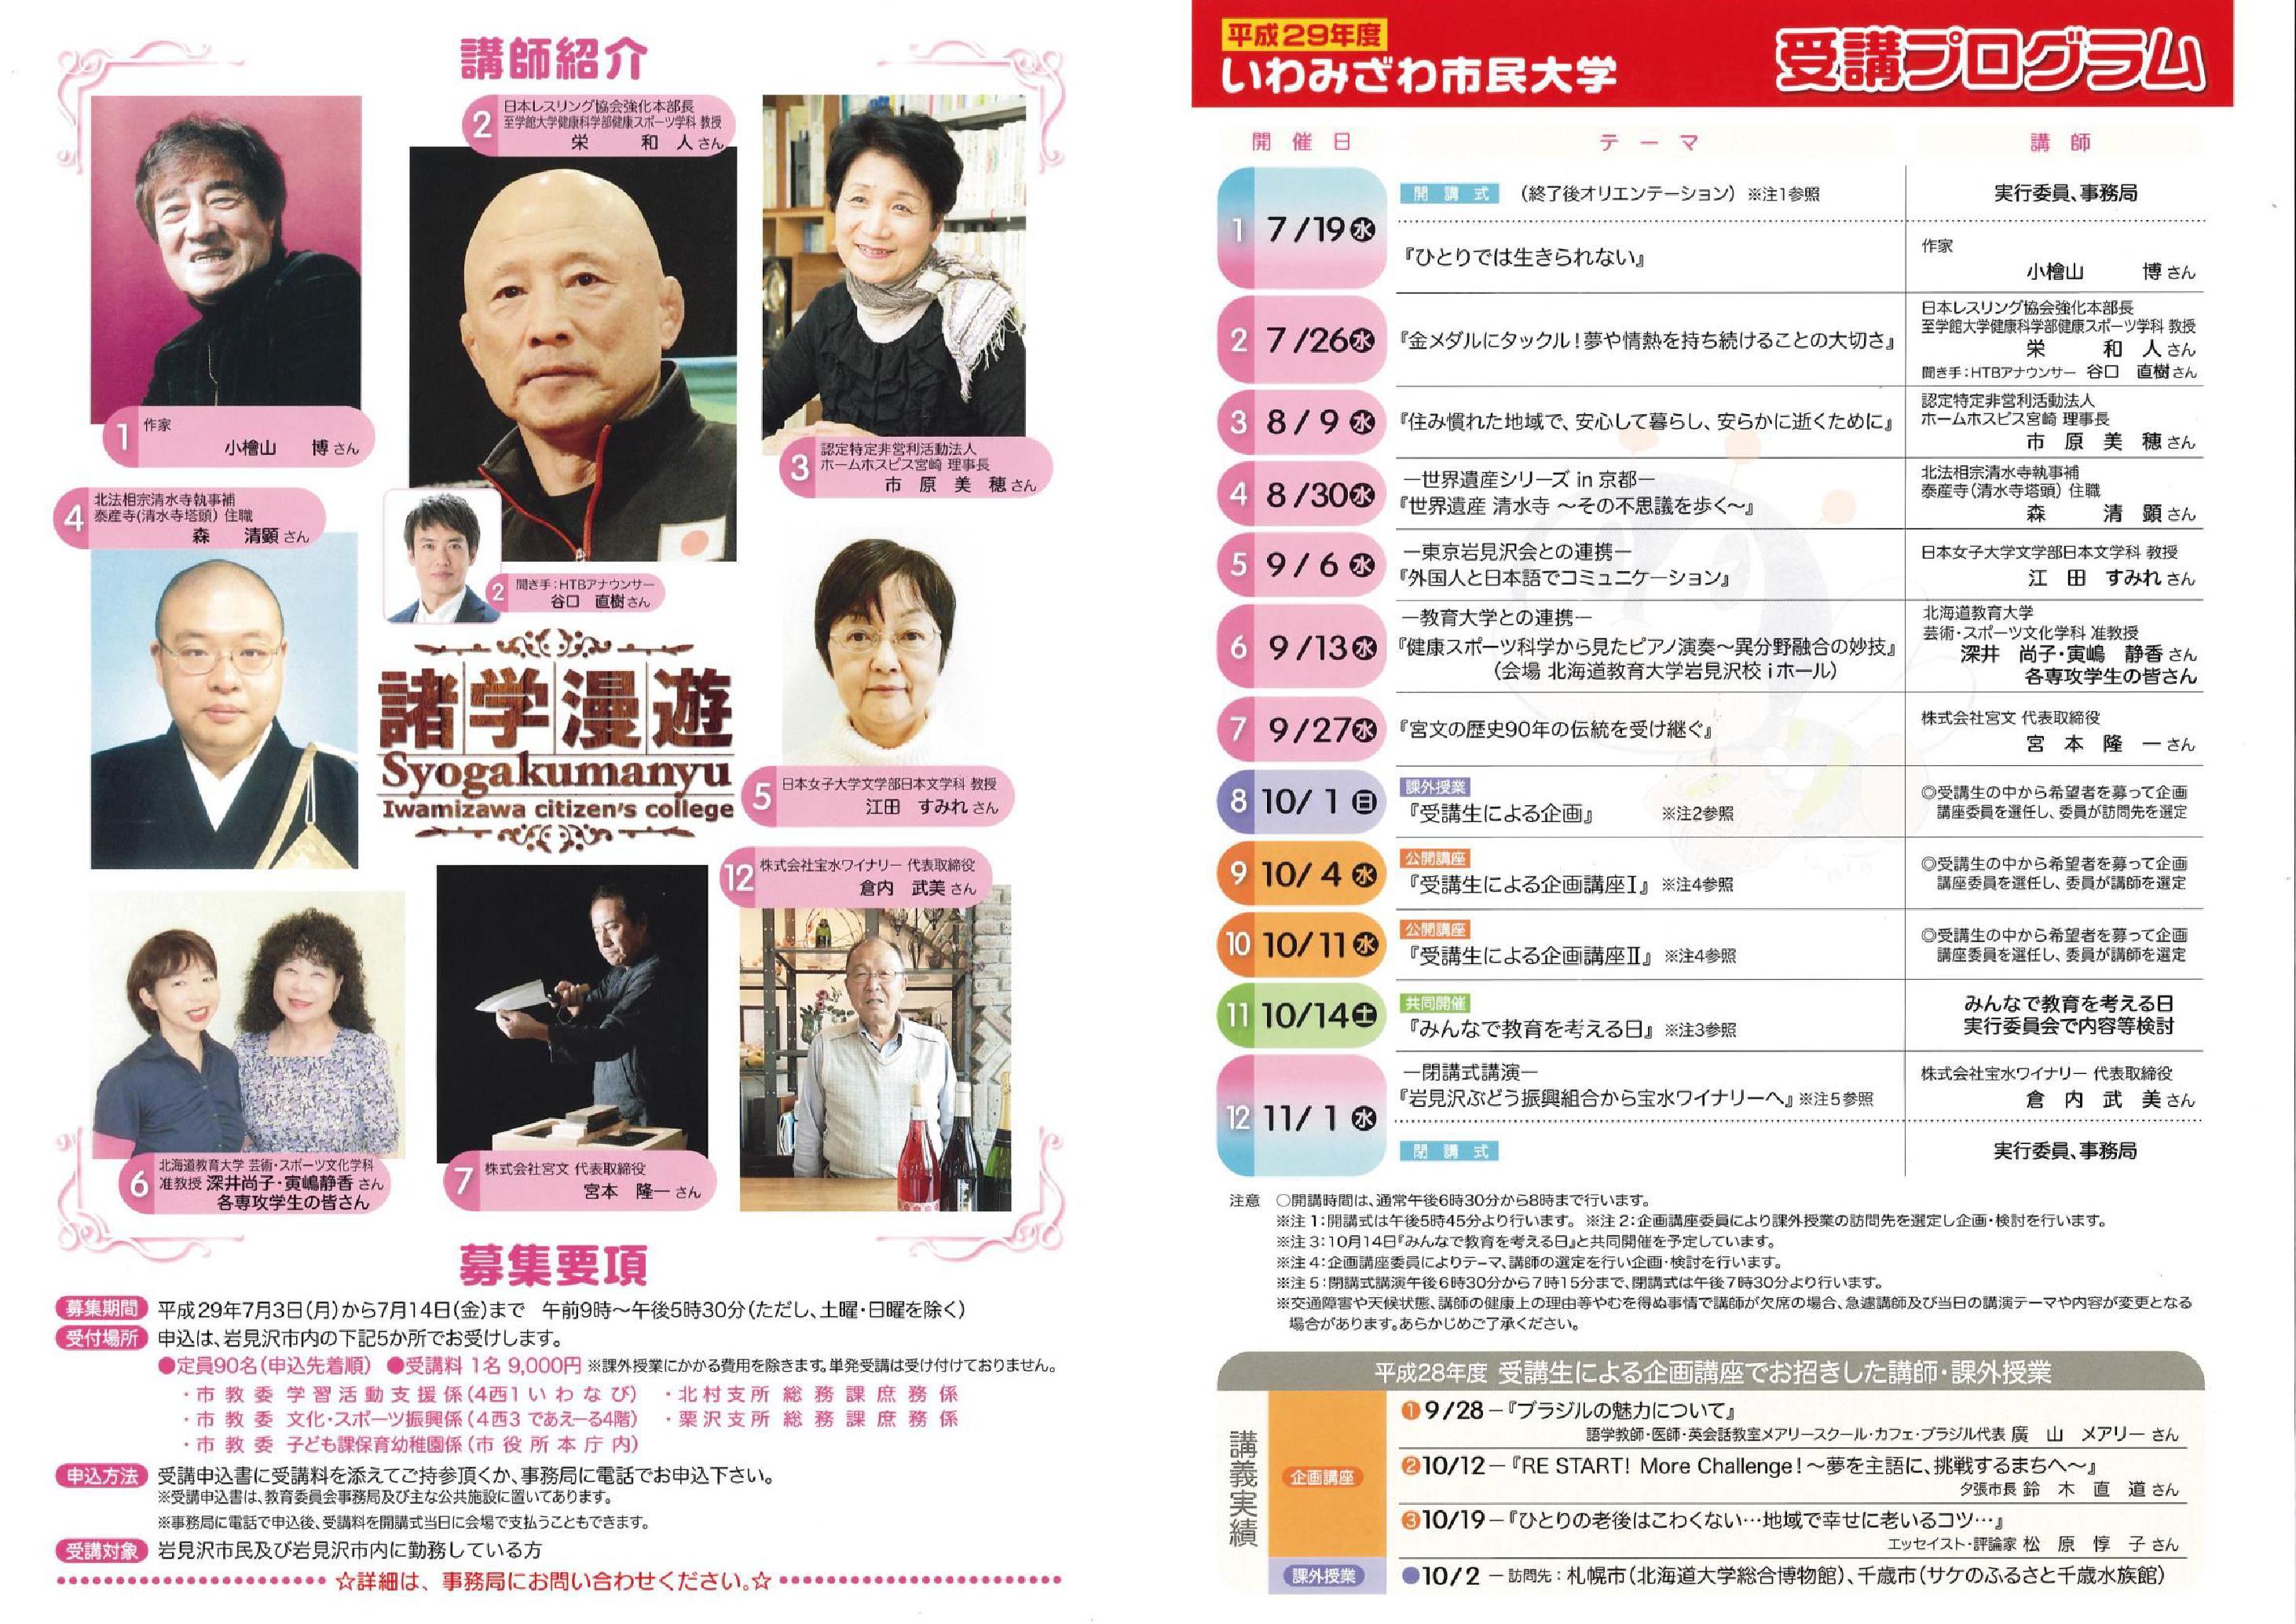 いわみざわ市民大学02